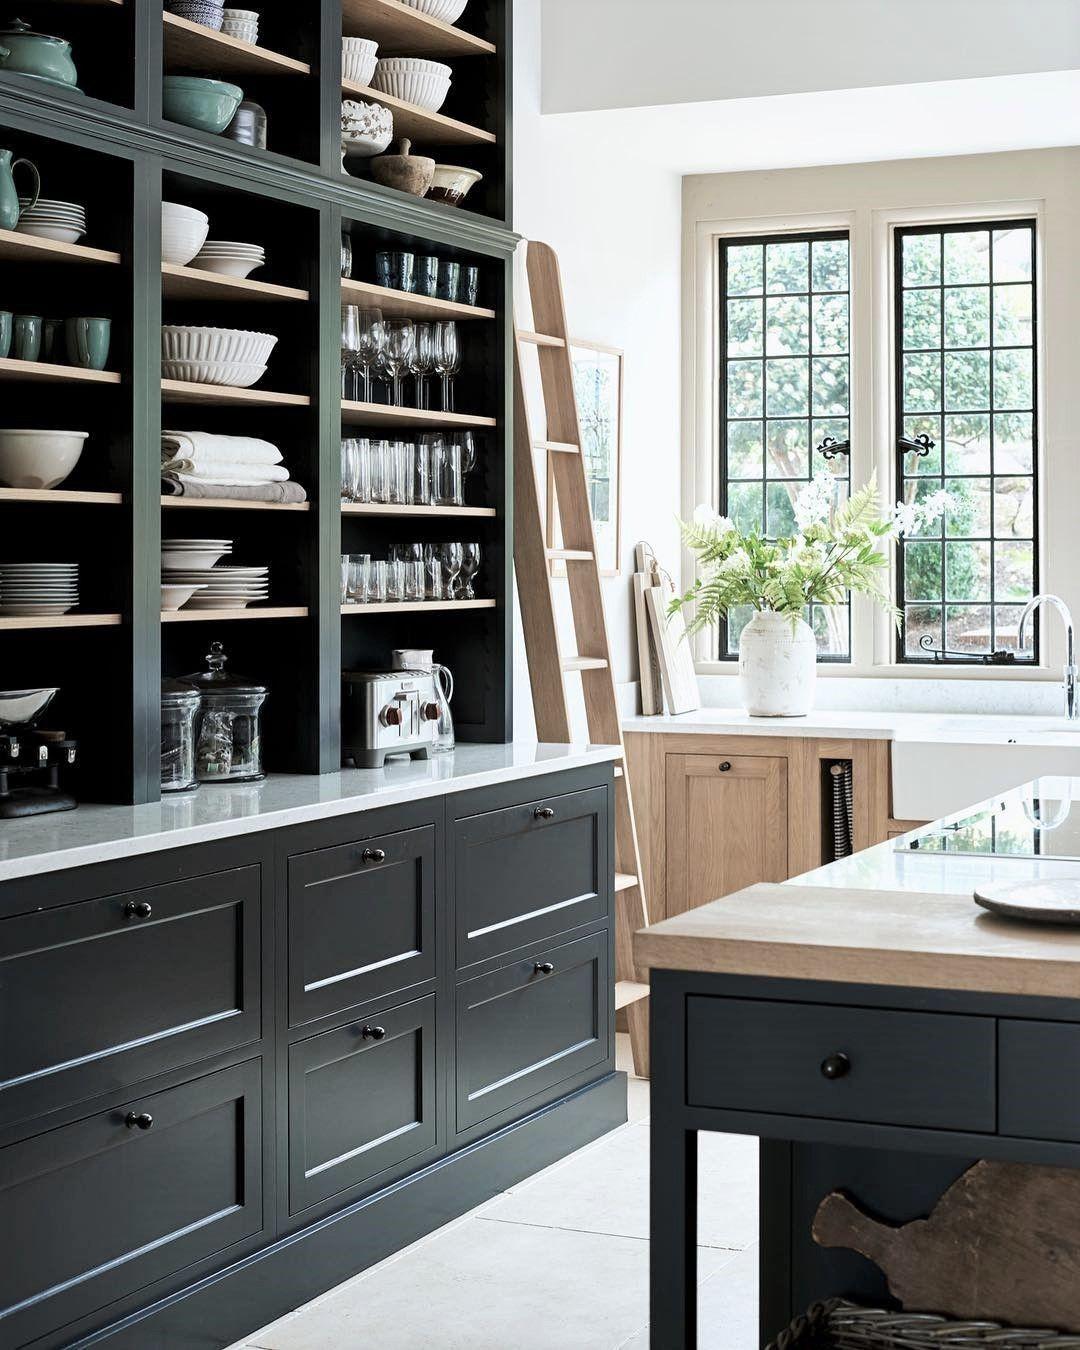 Home Depot Kitchen Design Kitchen Design L Shape Home Depot Kitchen Design Modern Kitchen D In 2020 Kitchen Inspiration Design Kitchen Inspirations Kitchen Remodel